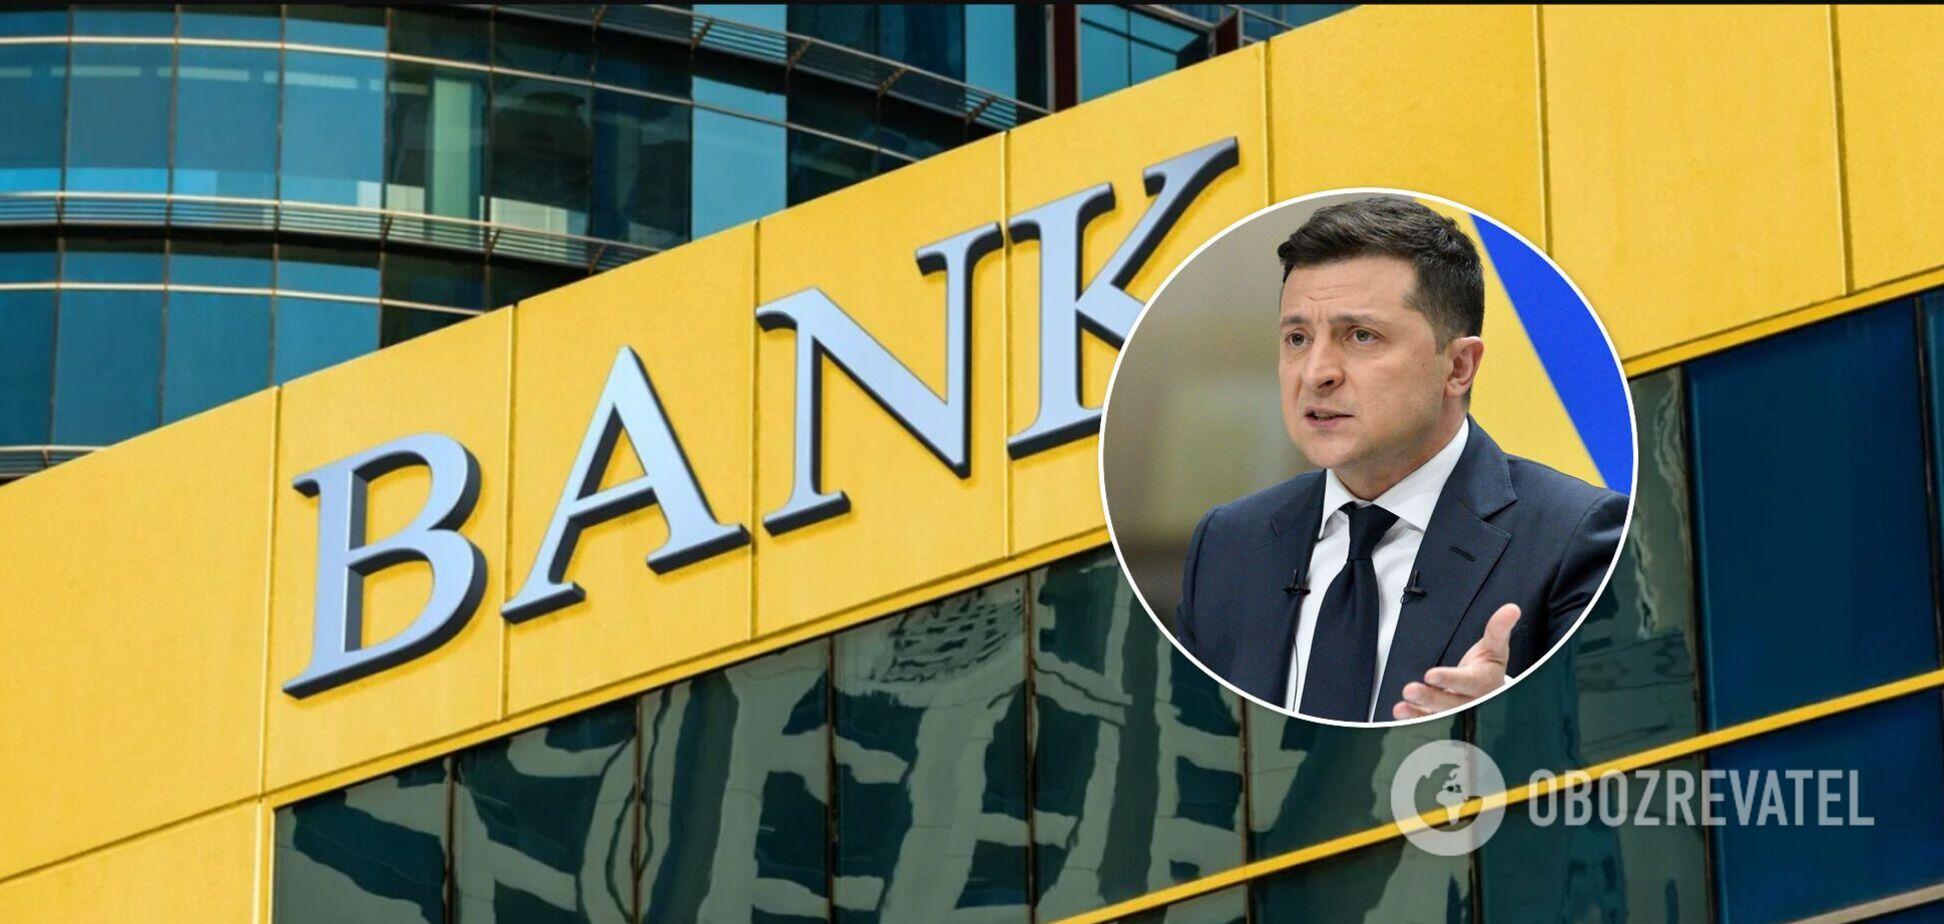 Зеленский подписал закон о ликвидации банков и выплатах вкладчикам: что изменится